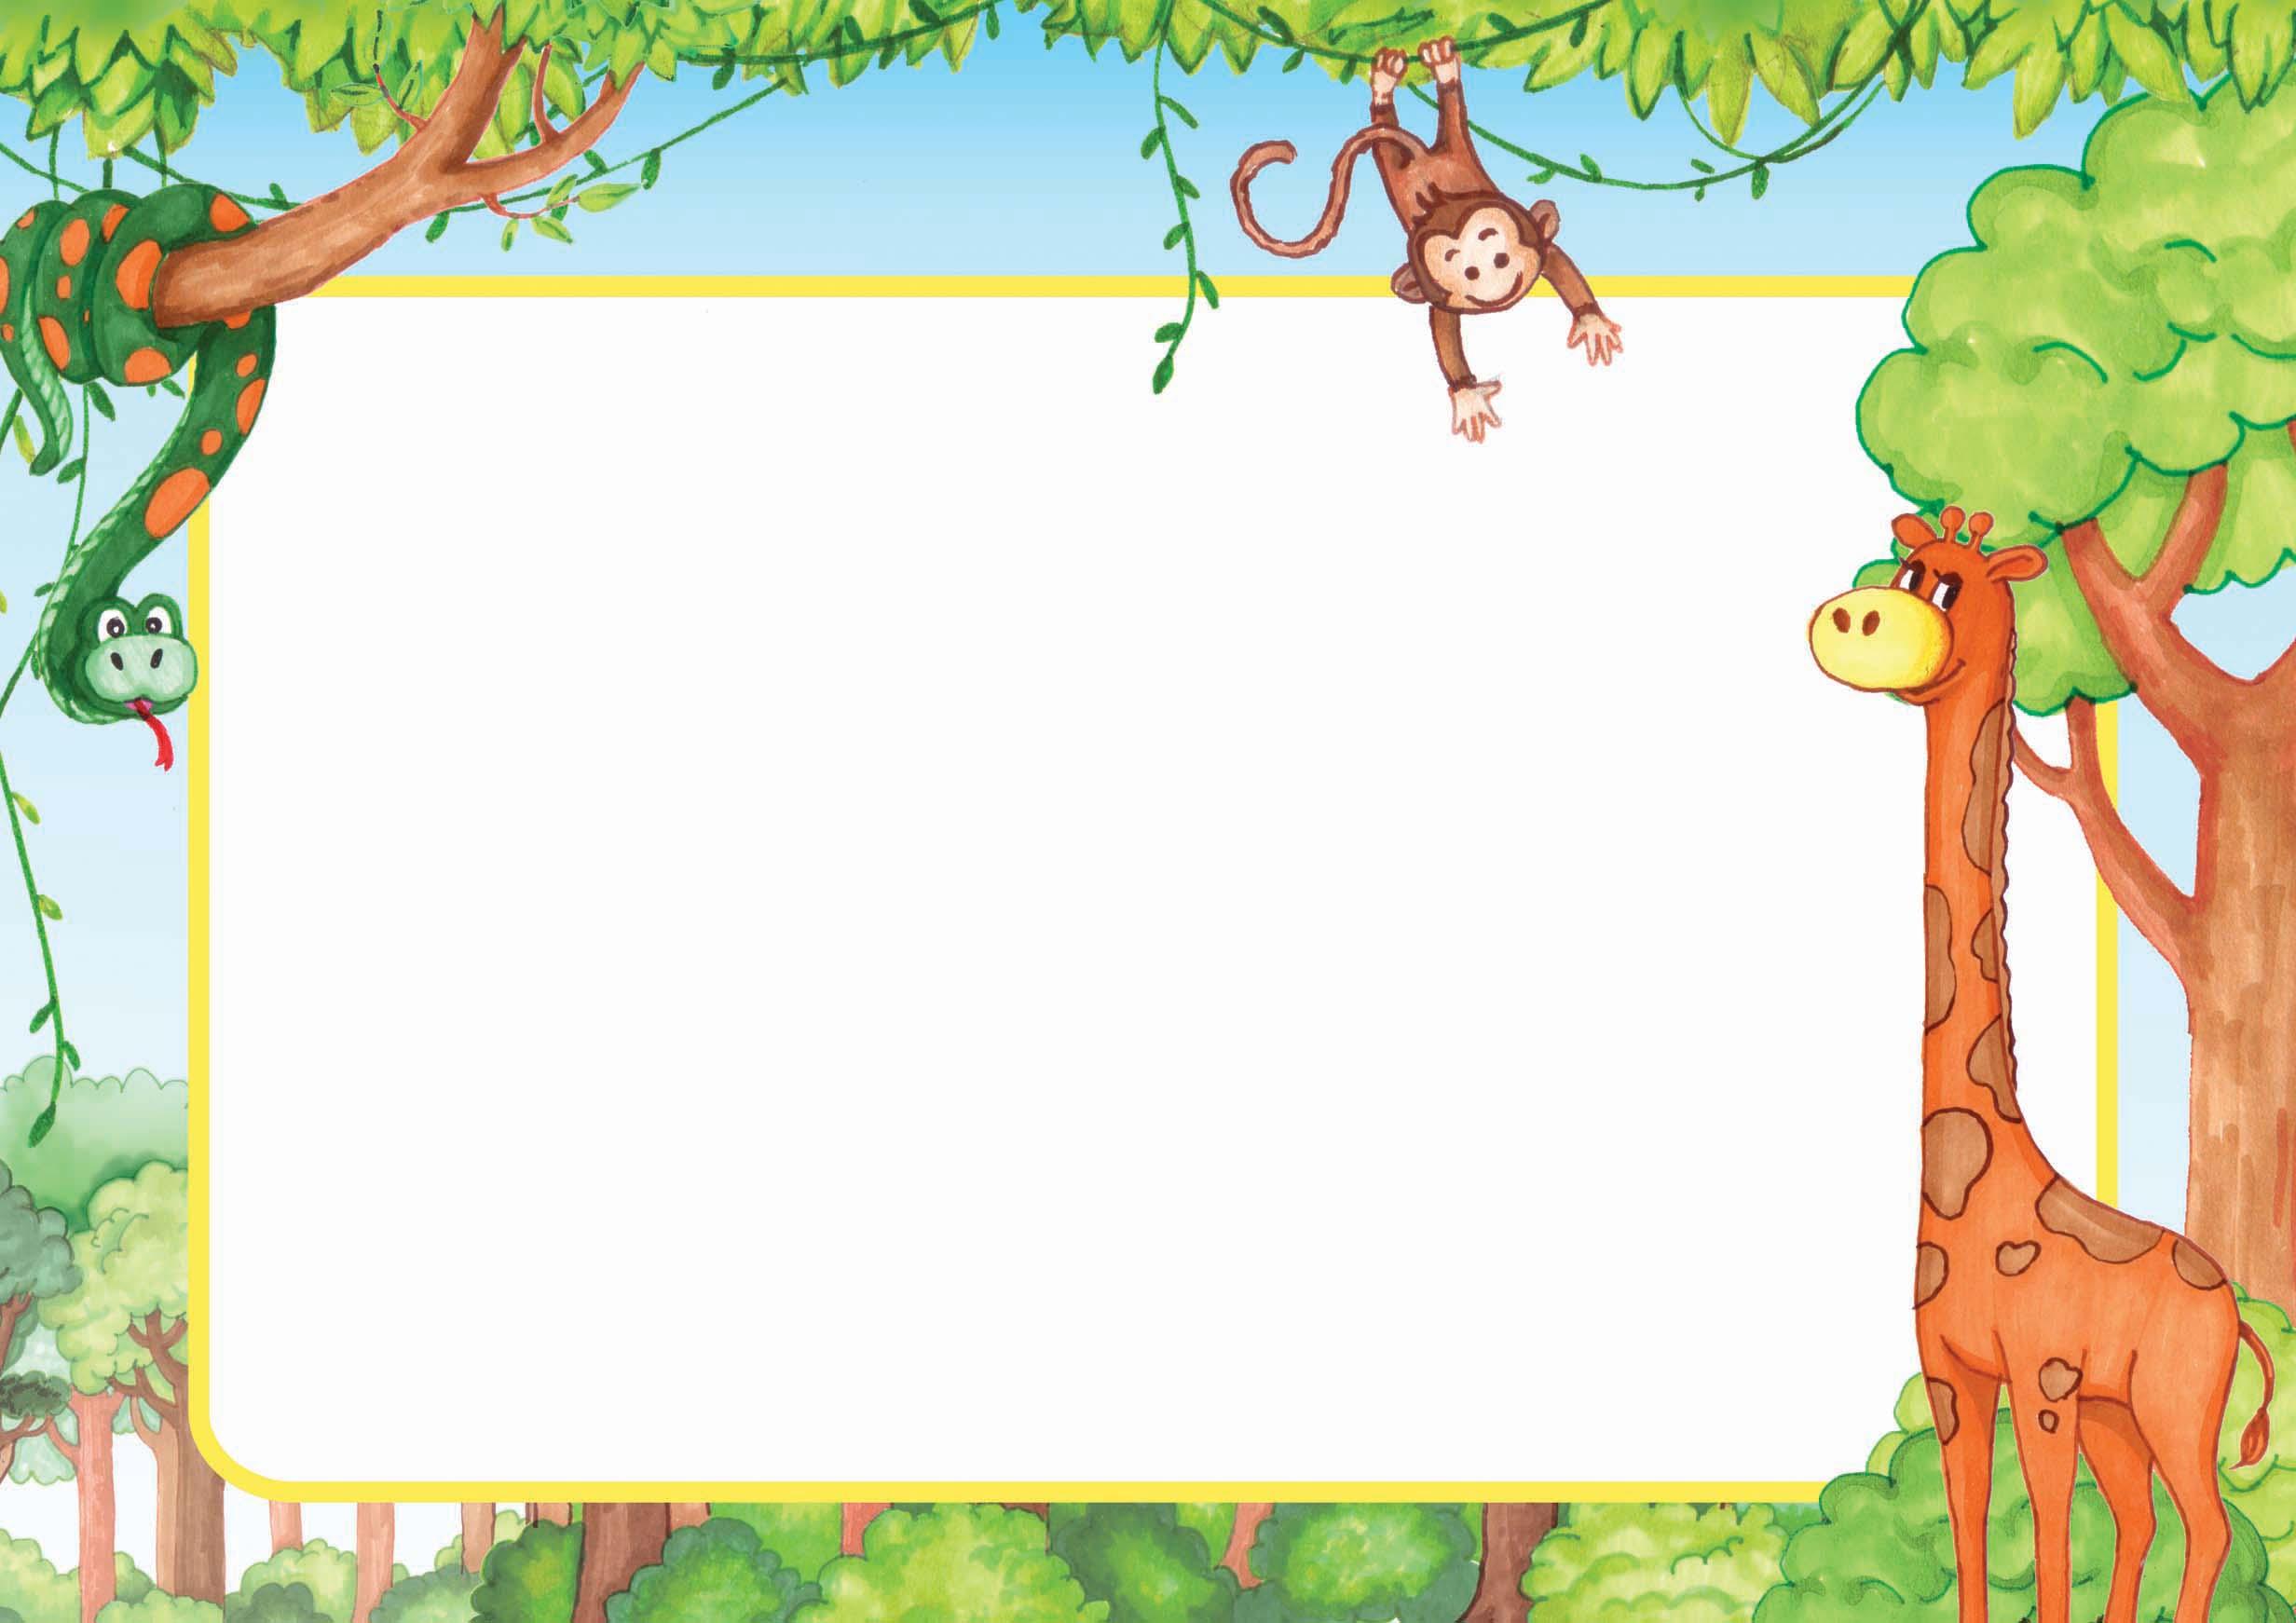 Artwork Of The Month Jungle Frame Kids Illustration